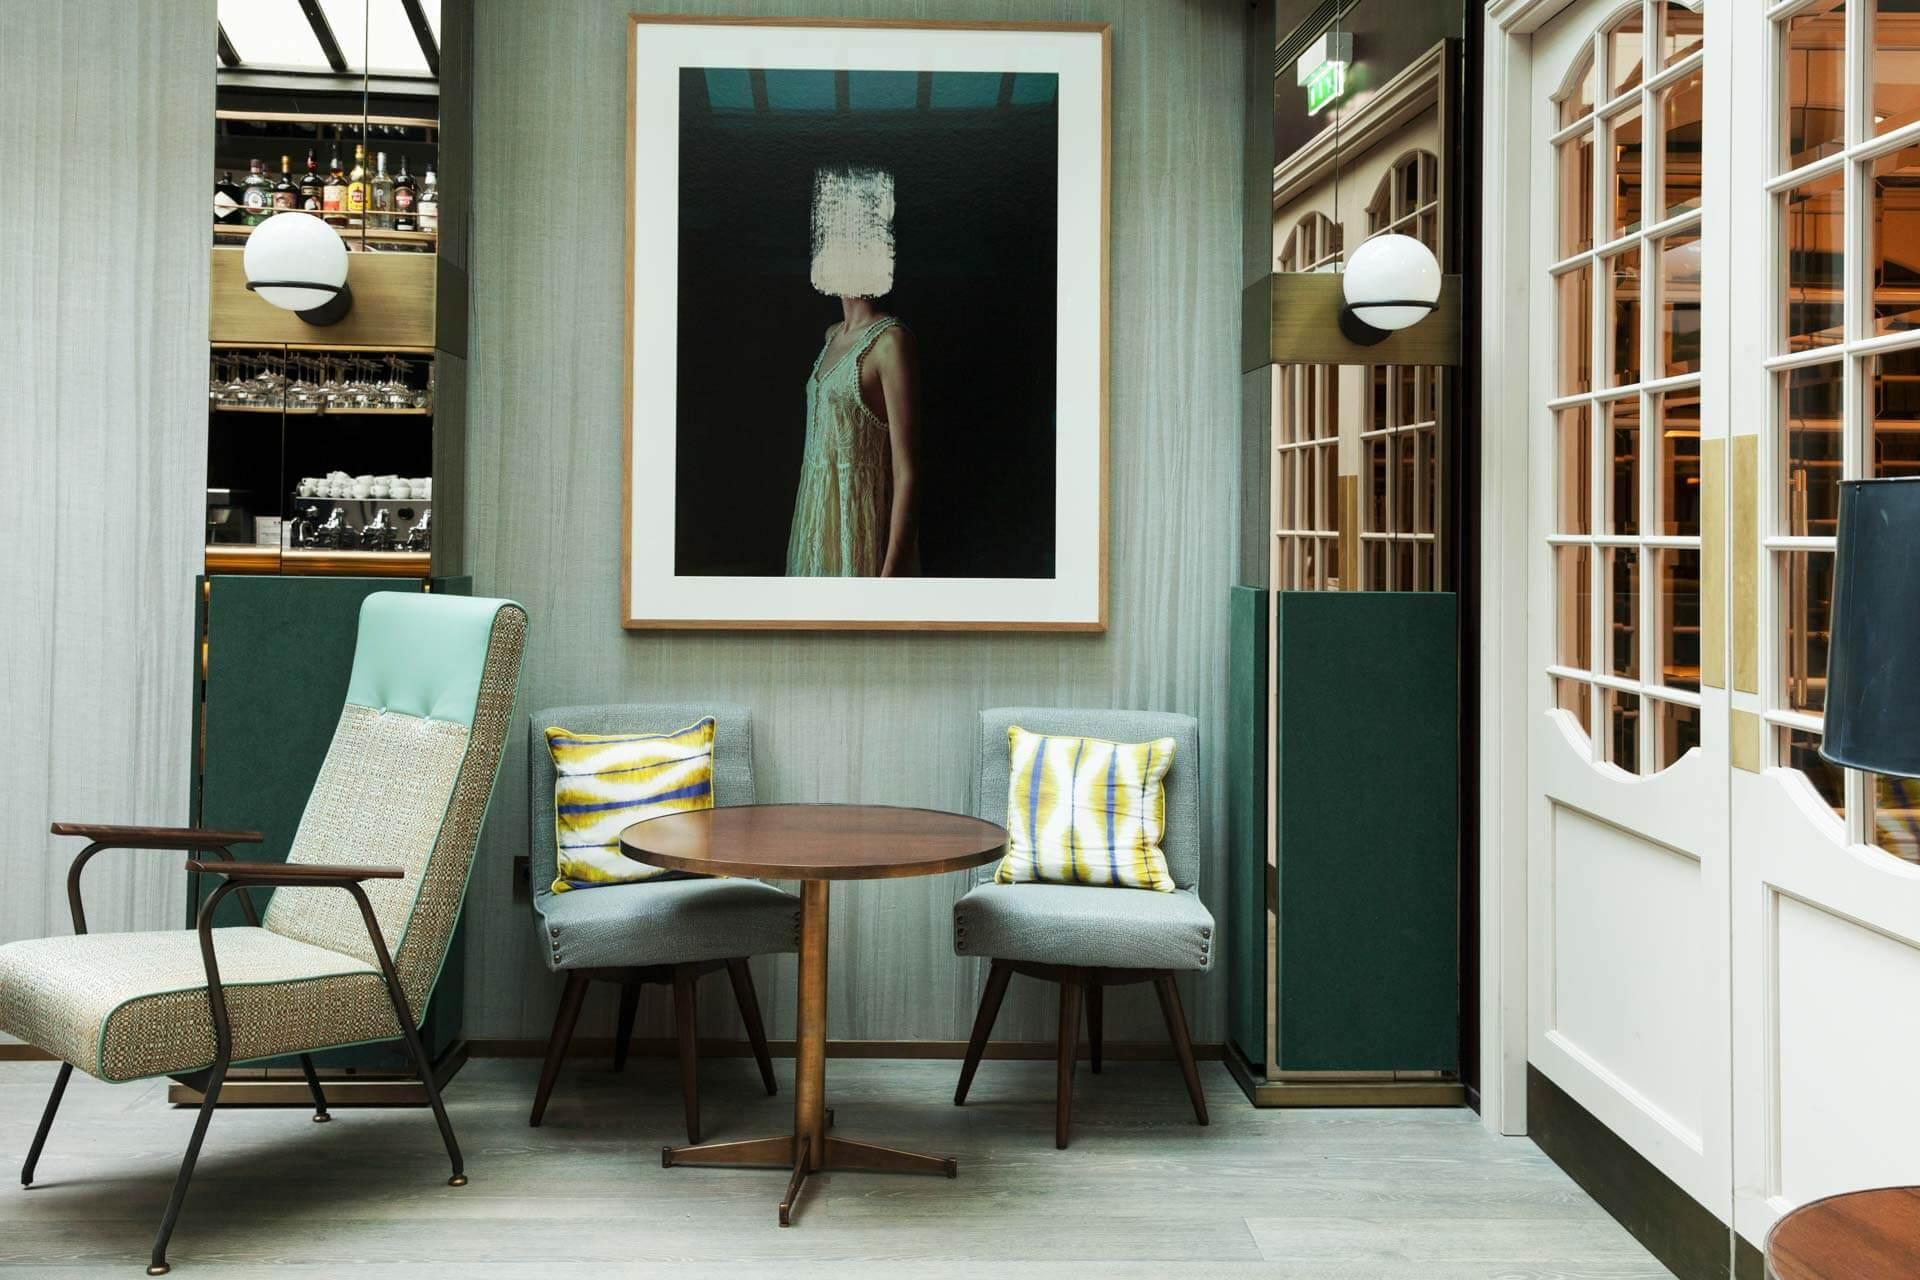 Le restaurant de la Maison Breguet © The Socialite Family